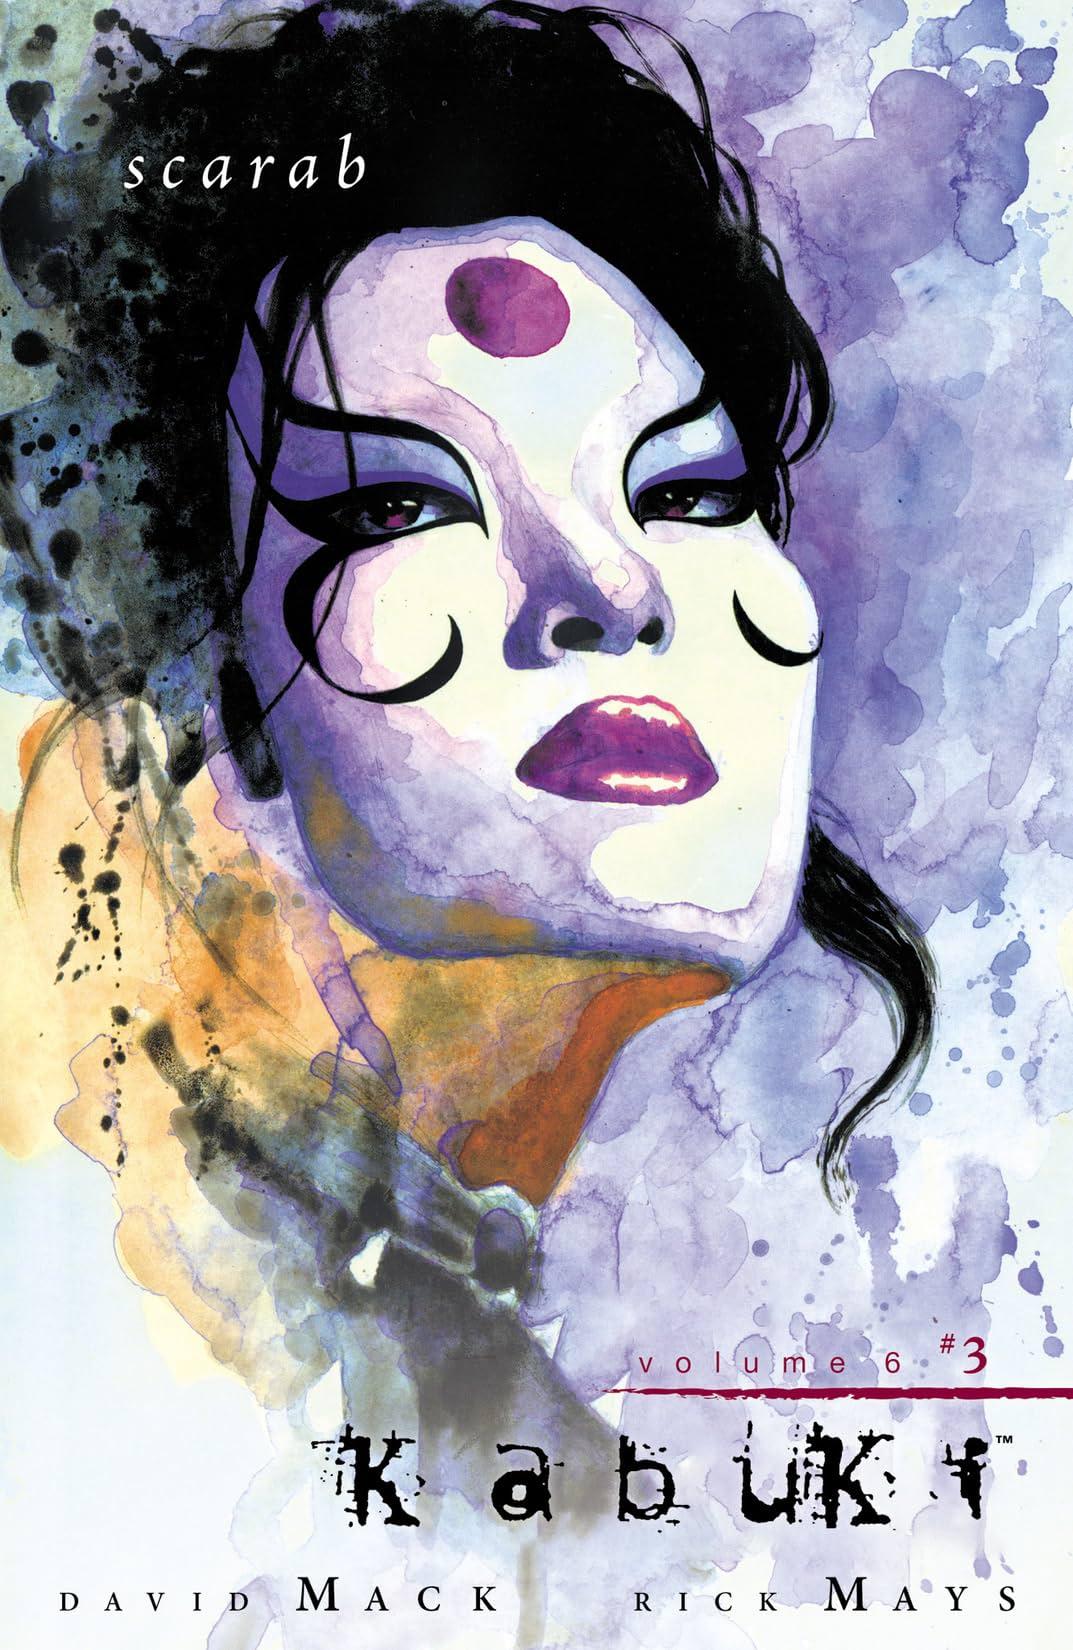 Kabuki vol. 6 #3